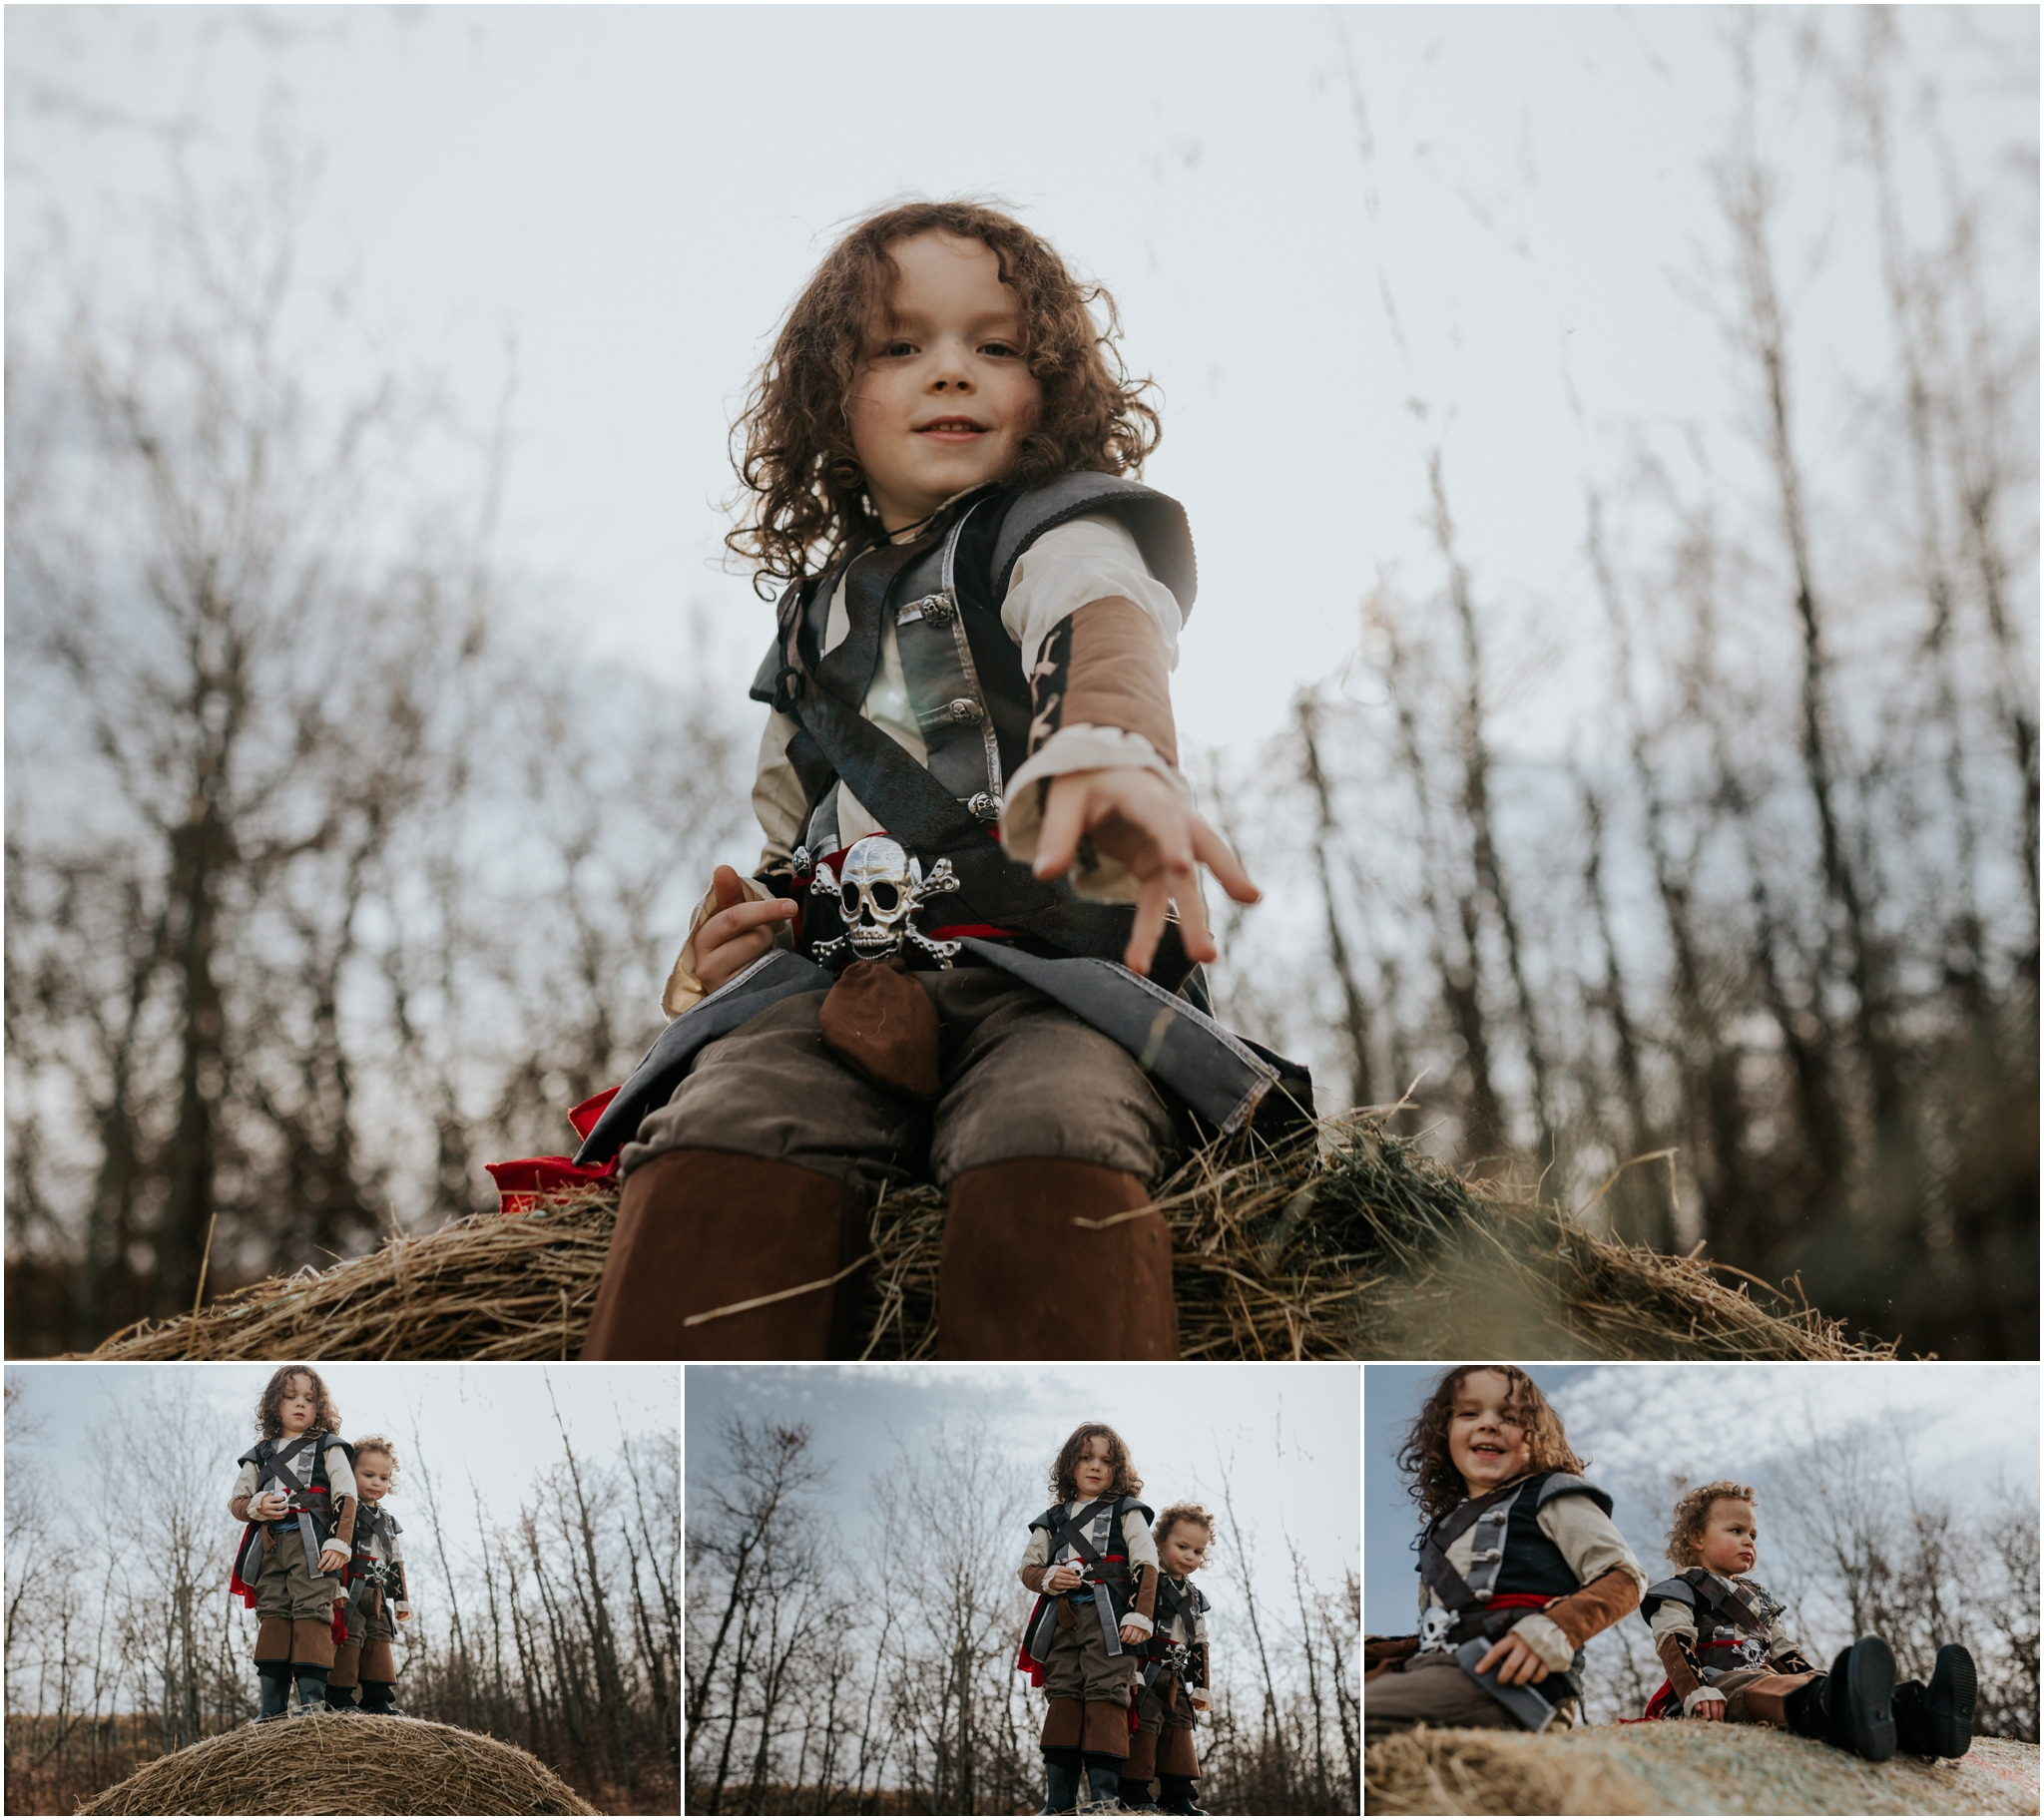 Edmonton Alberta Photographer - Family Lifestyle Photography - Adventure Photographer